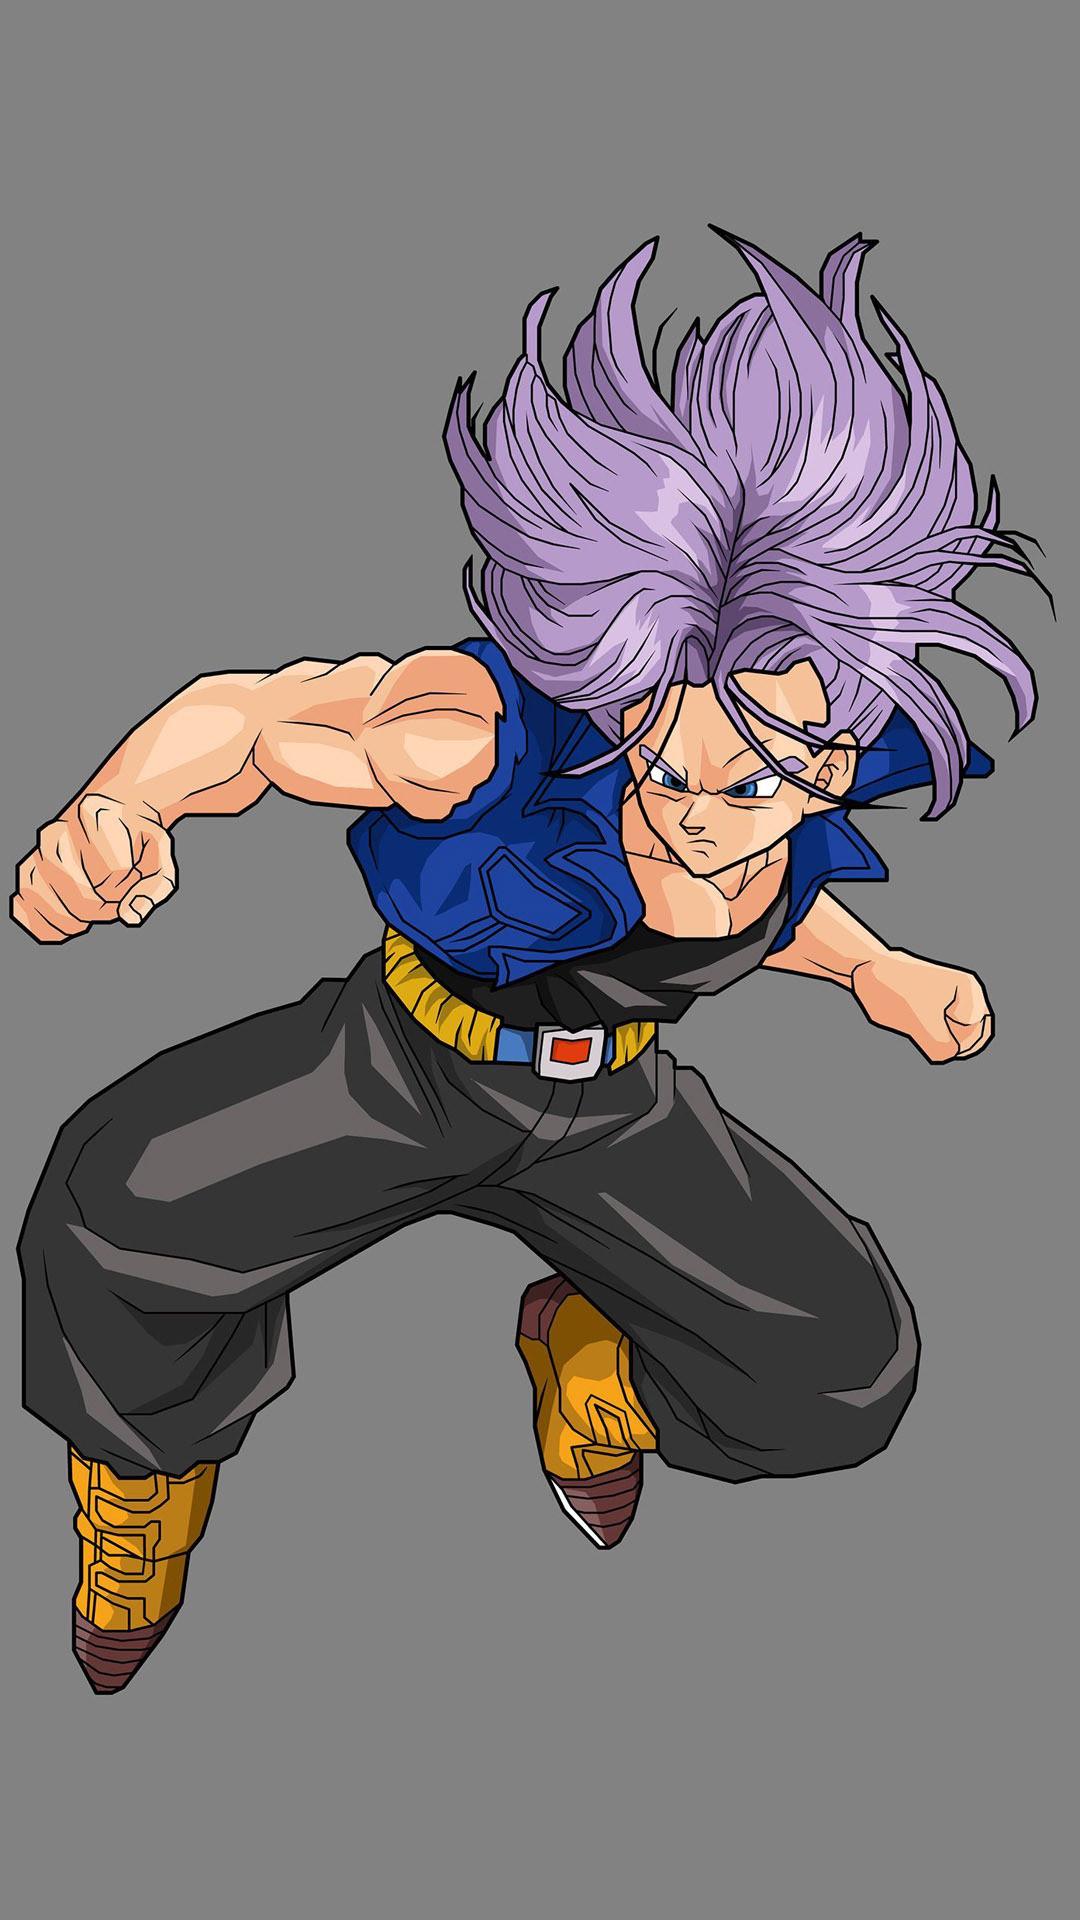 … Trunks – Dragon Ball Z Anime mobile wallpaper